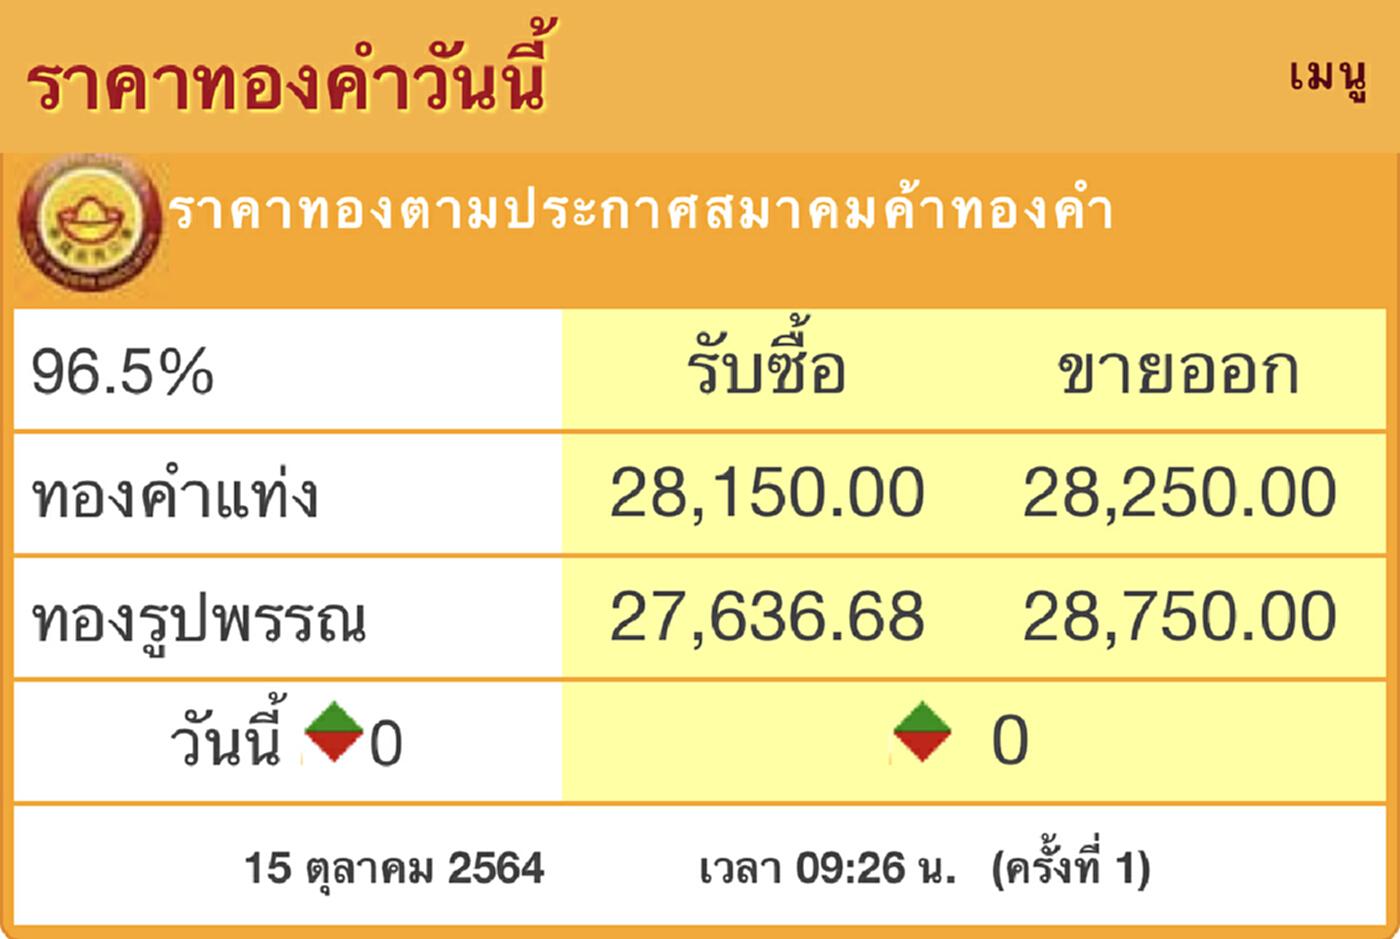 'ราคาทอง'วันนี้(15ต.ค.) เปิดตลาดทรงตัว